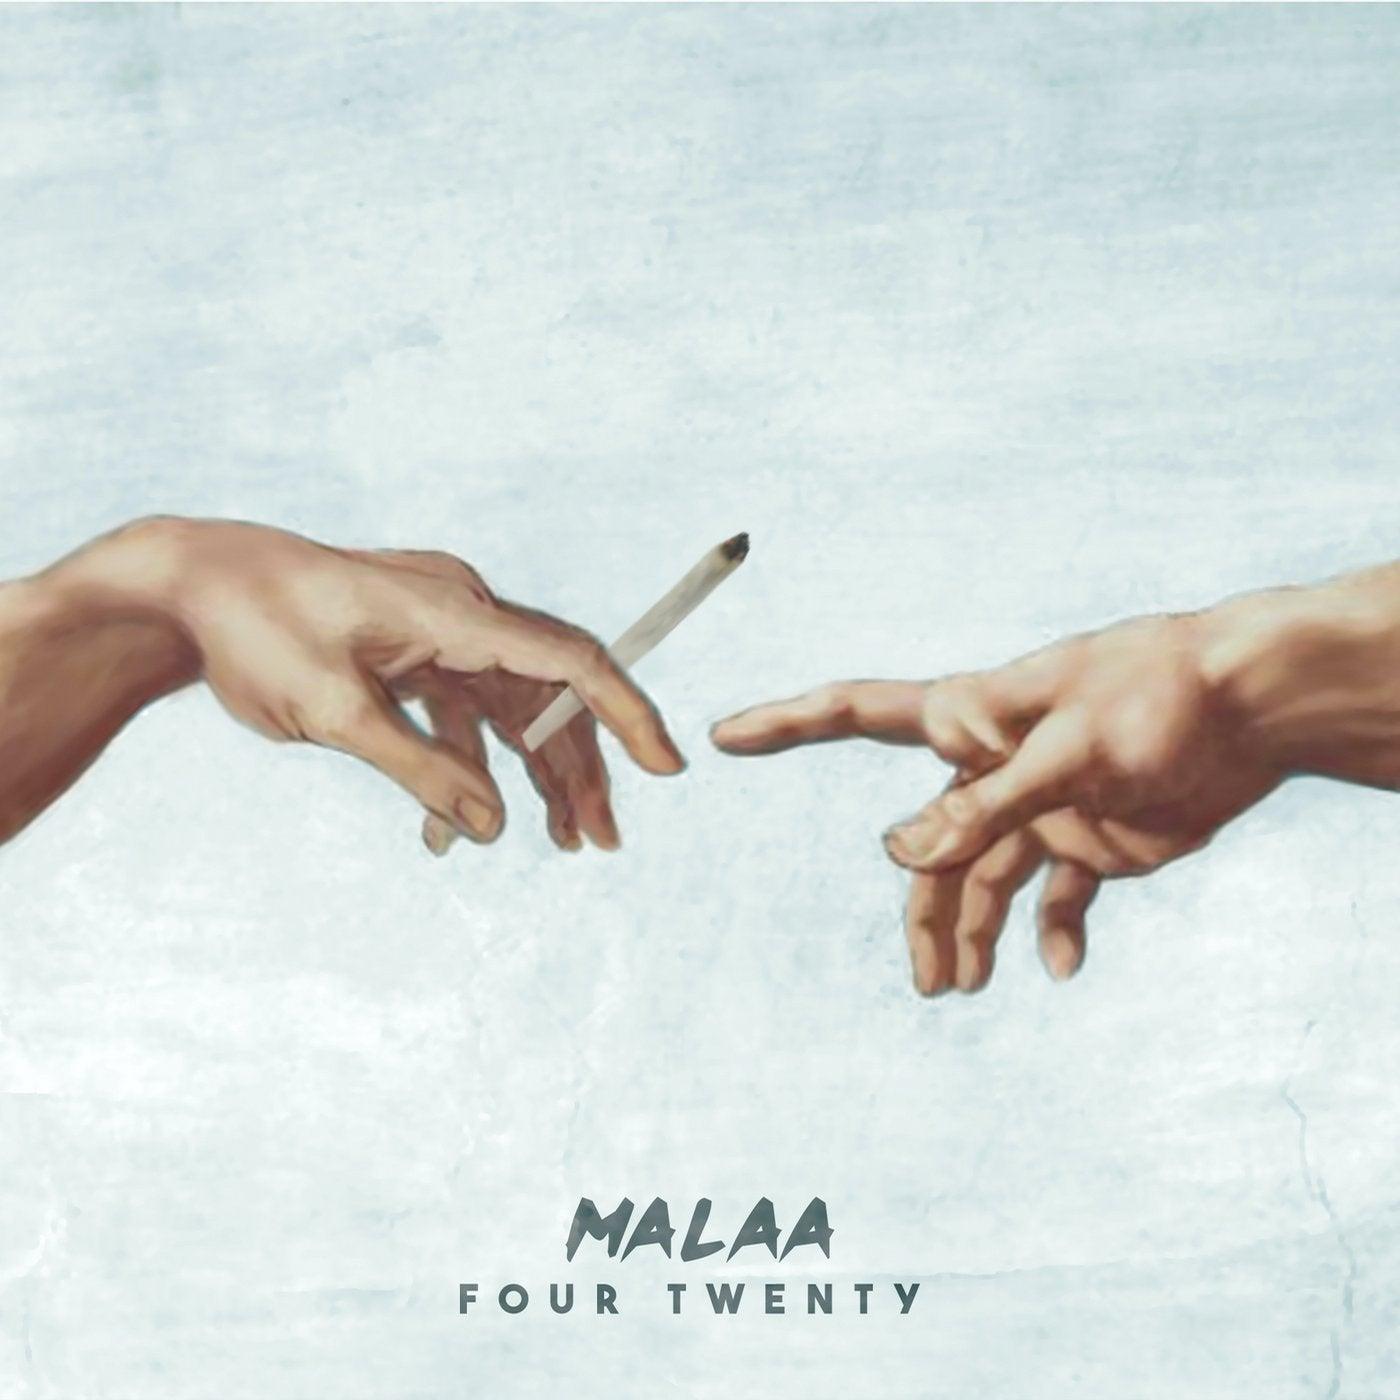 Four Twenty (Original Mix)